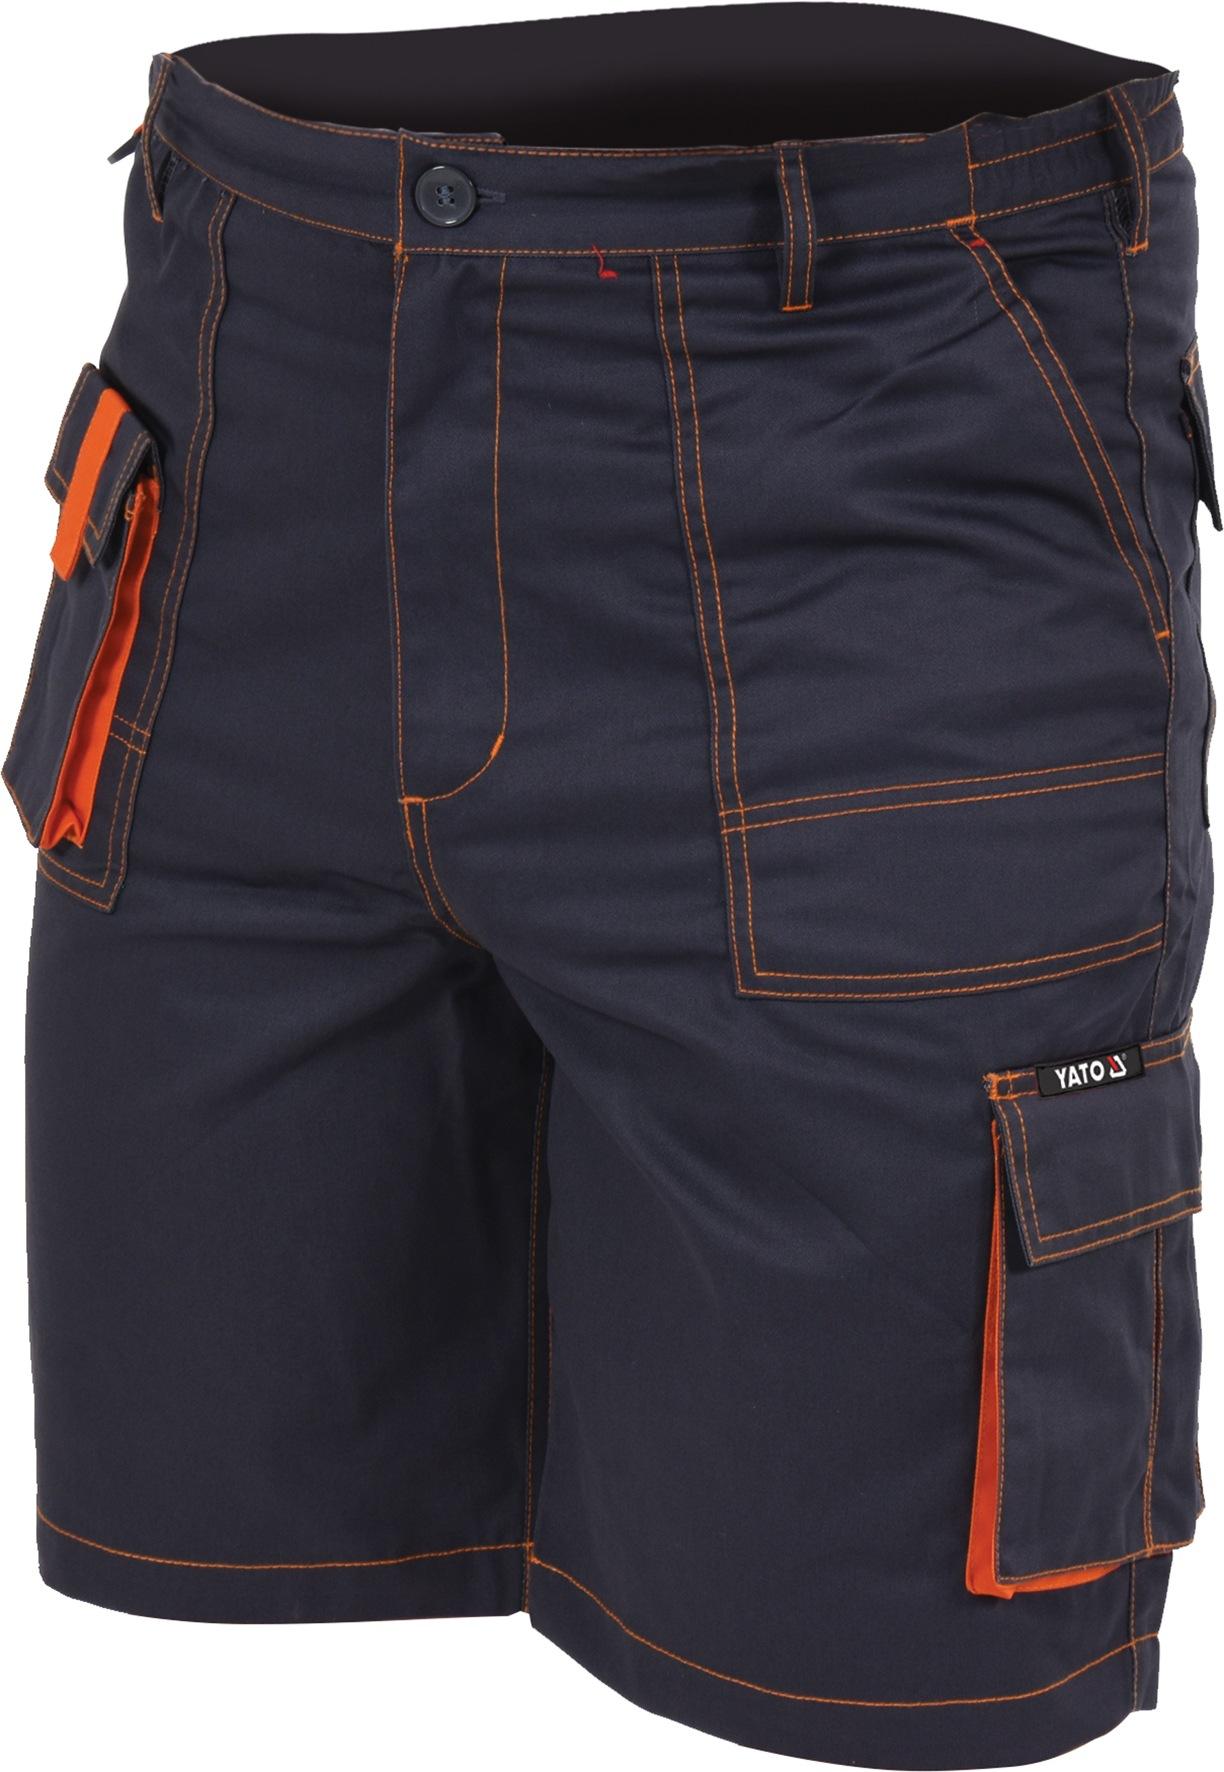 Pracovní kalhoty krátké vel. L/XL